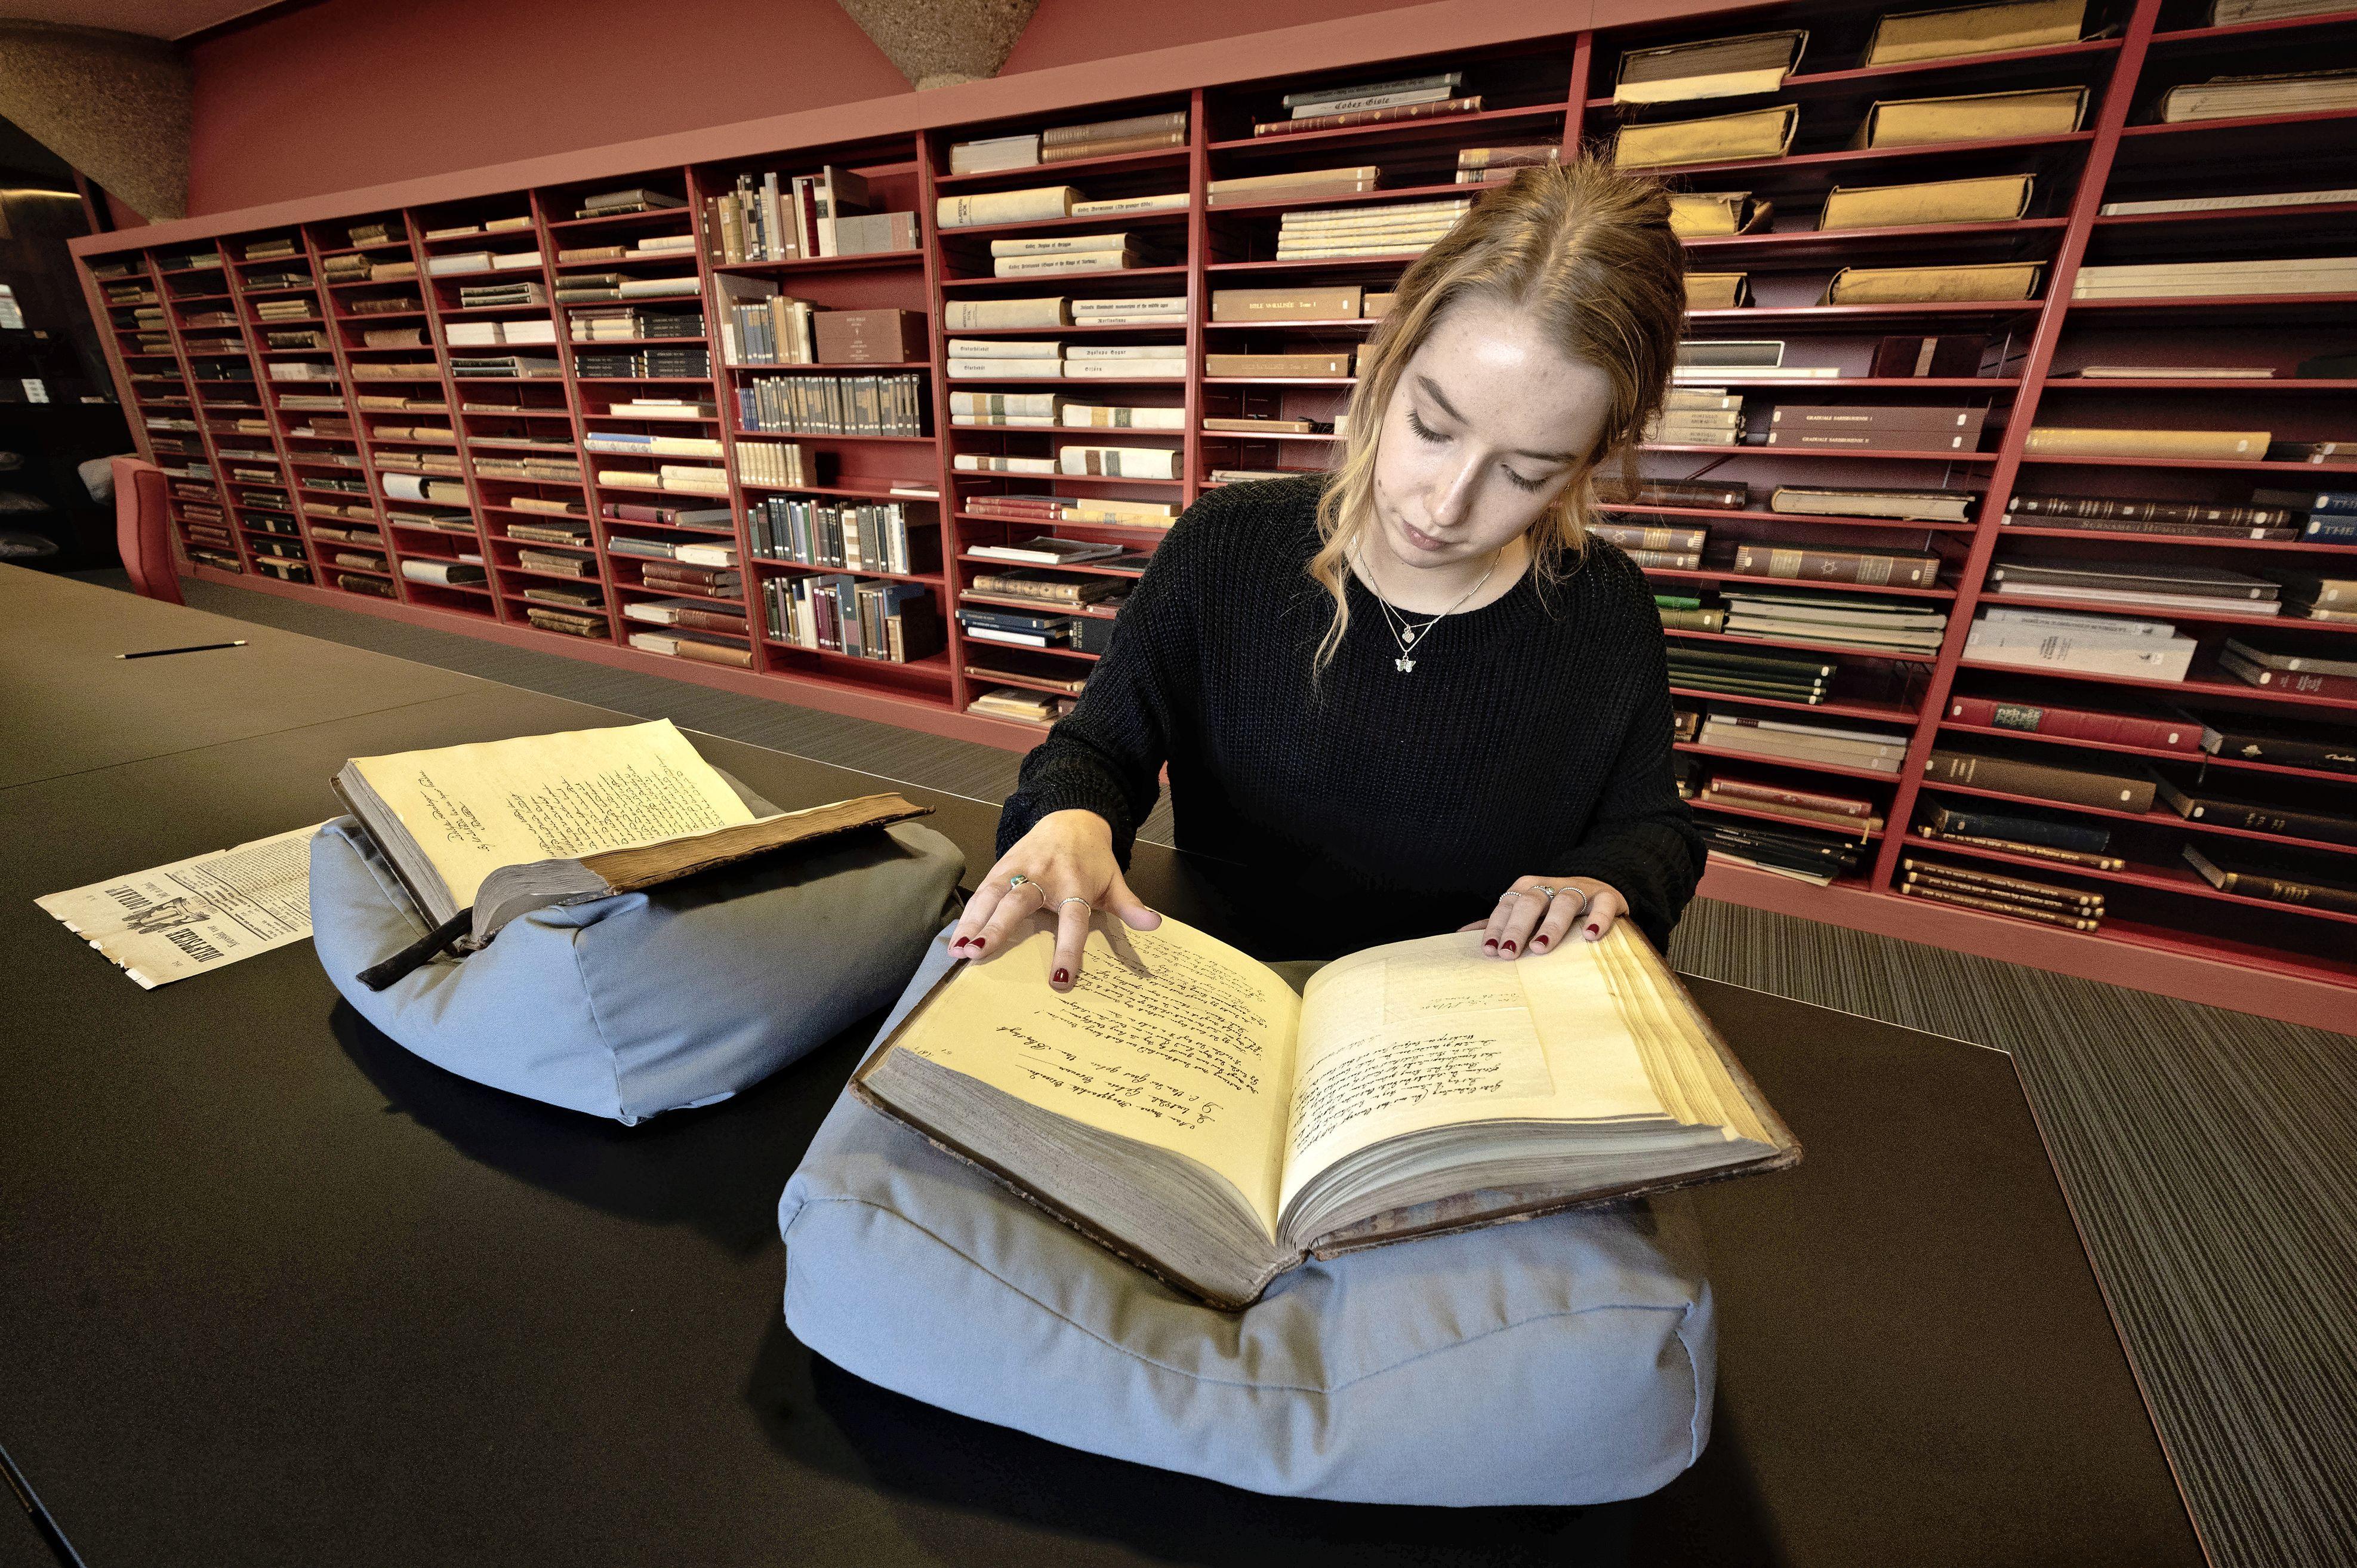 Leidse student ontdekt oudste vrouwelijk literair genootschap: 'Niet wachten tot ze een plekje kregen in de mannenwereld'